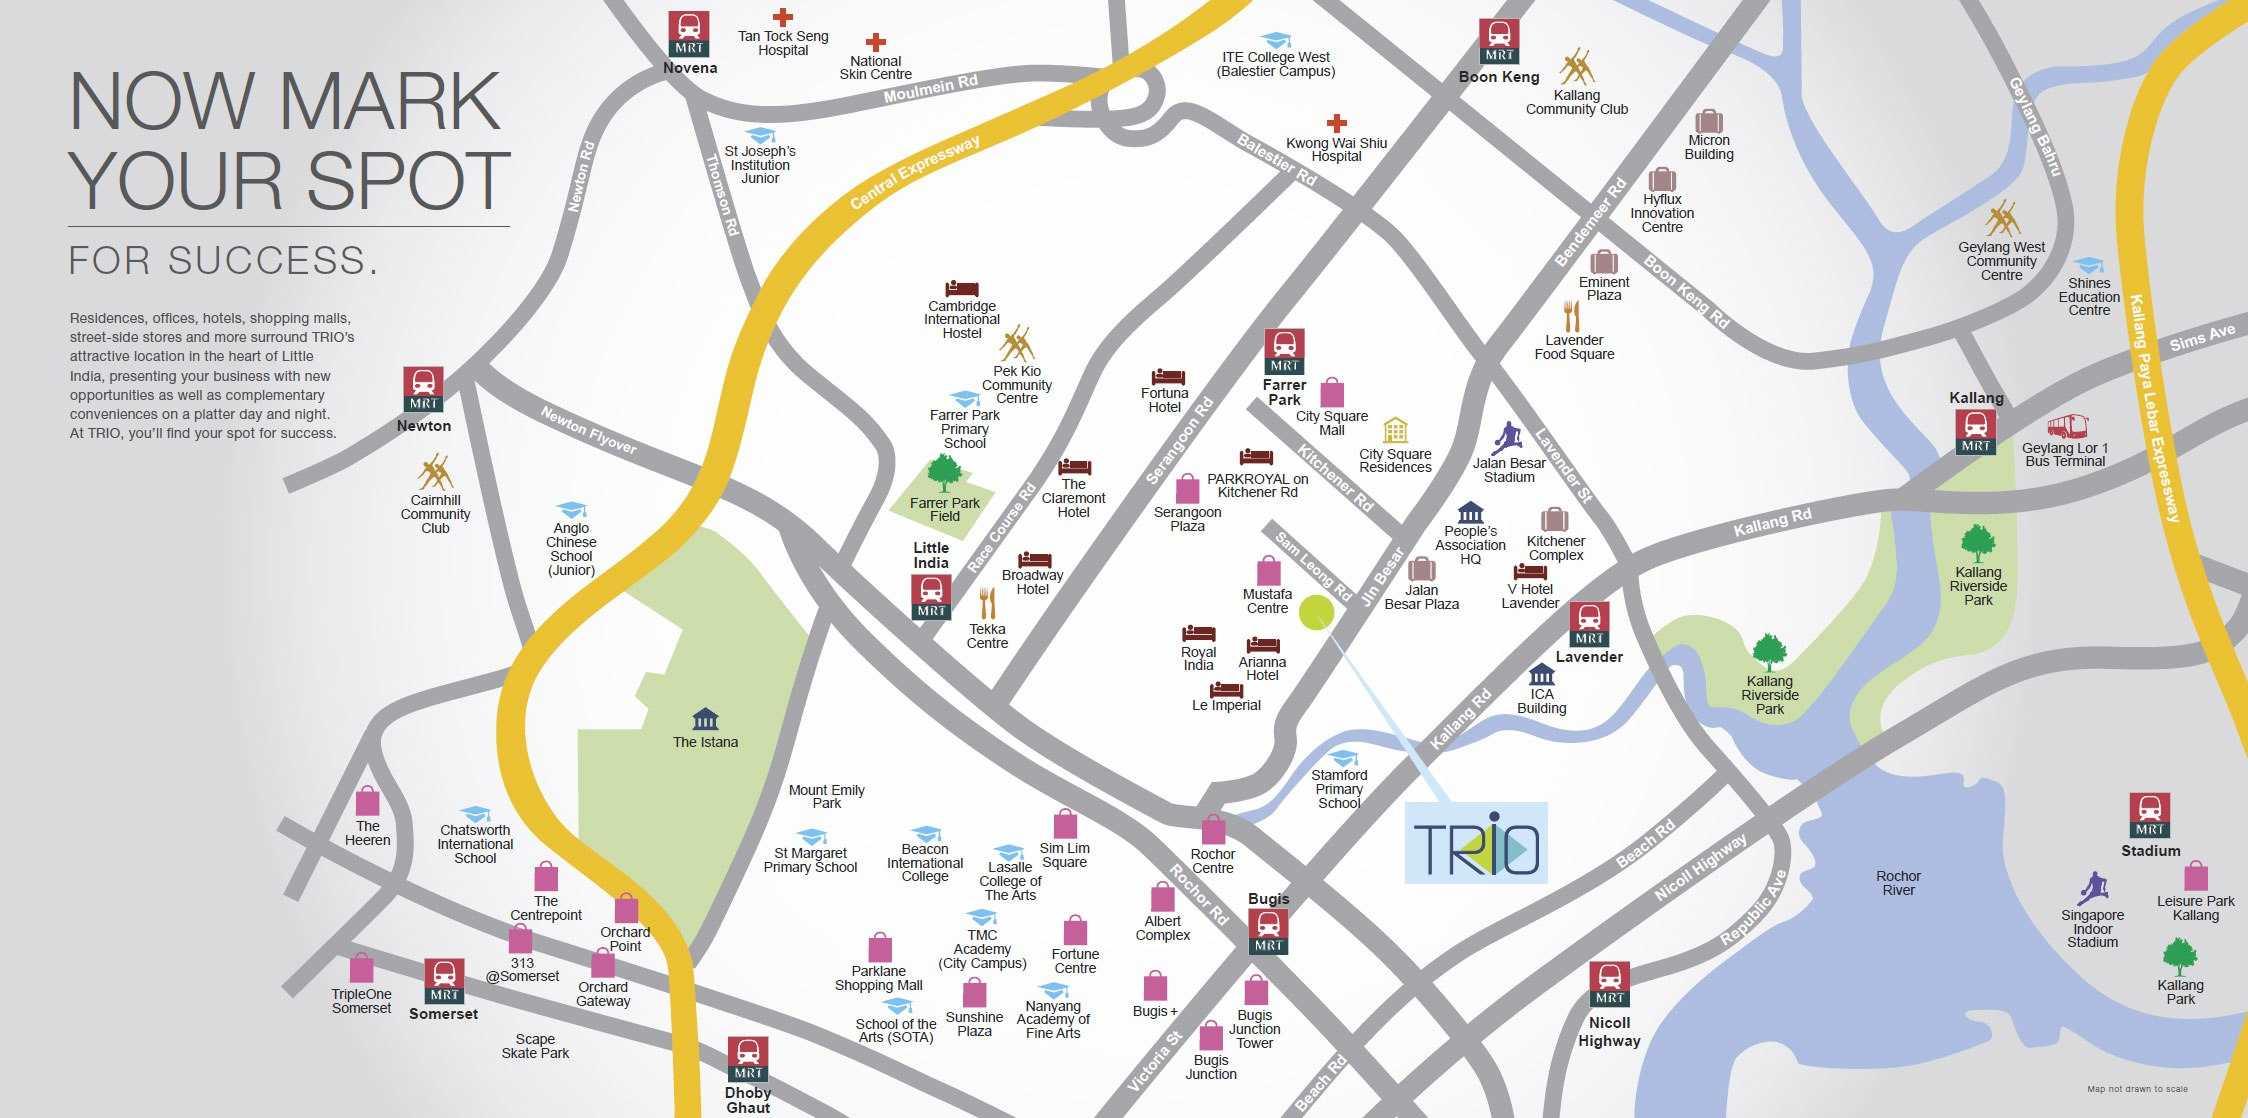 trio-sam-leong-location